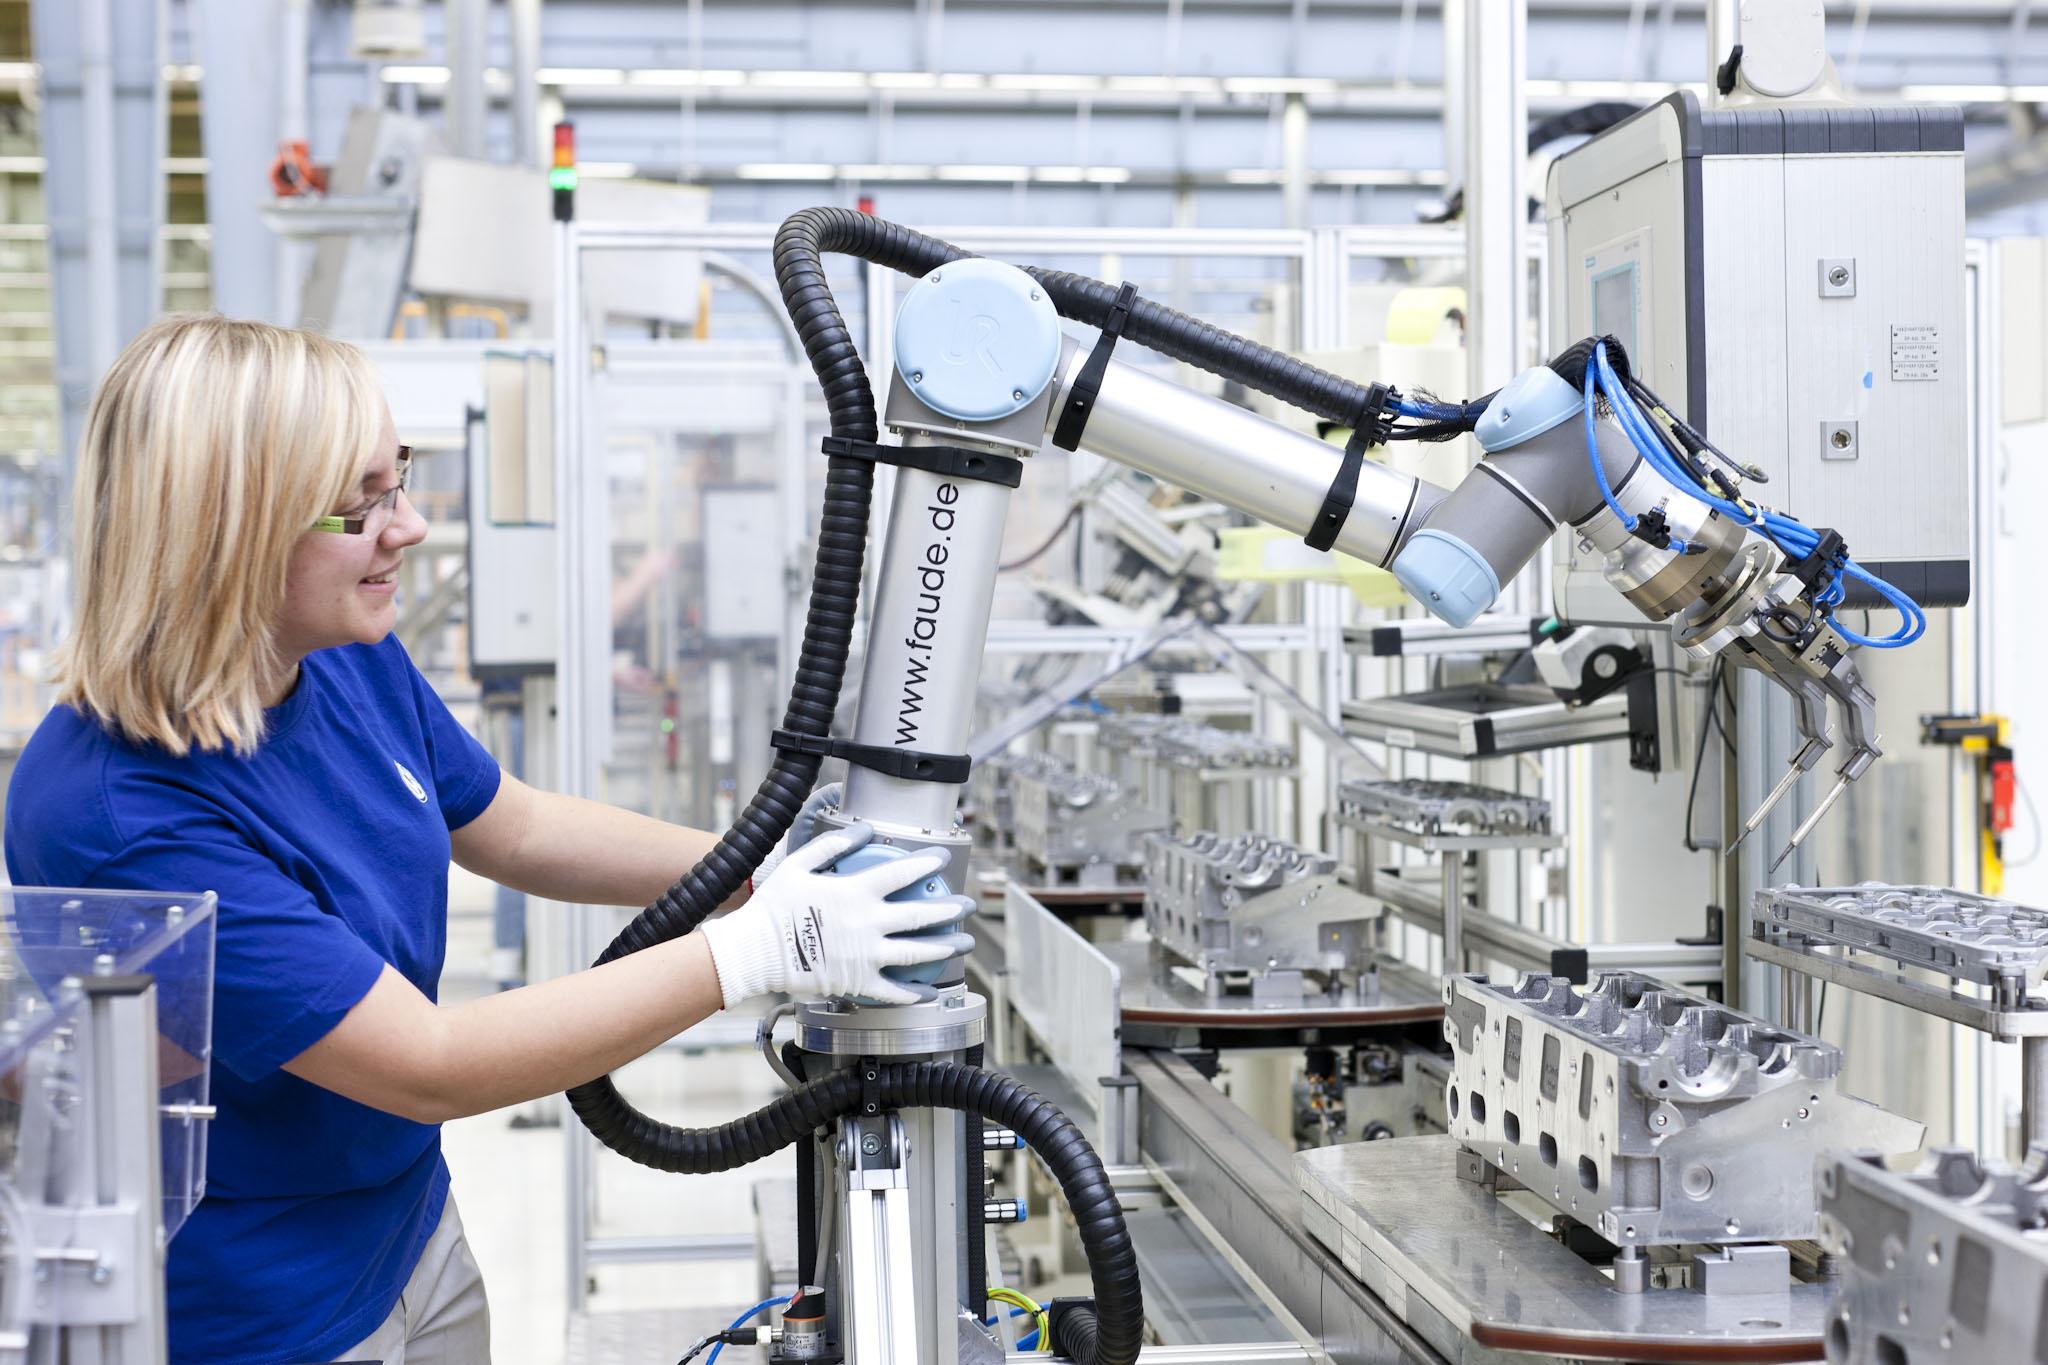 Está preparado para ter um robot como colega?